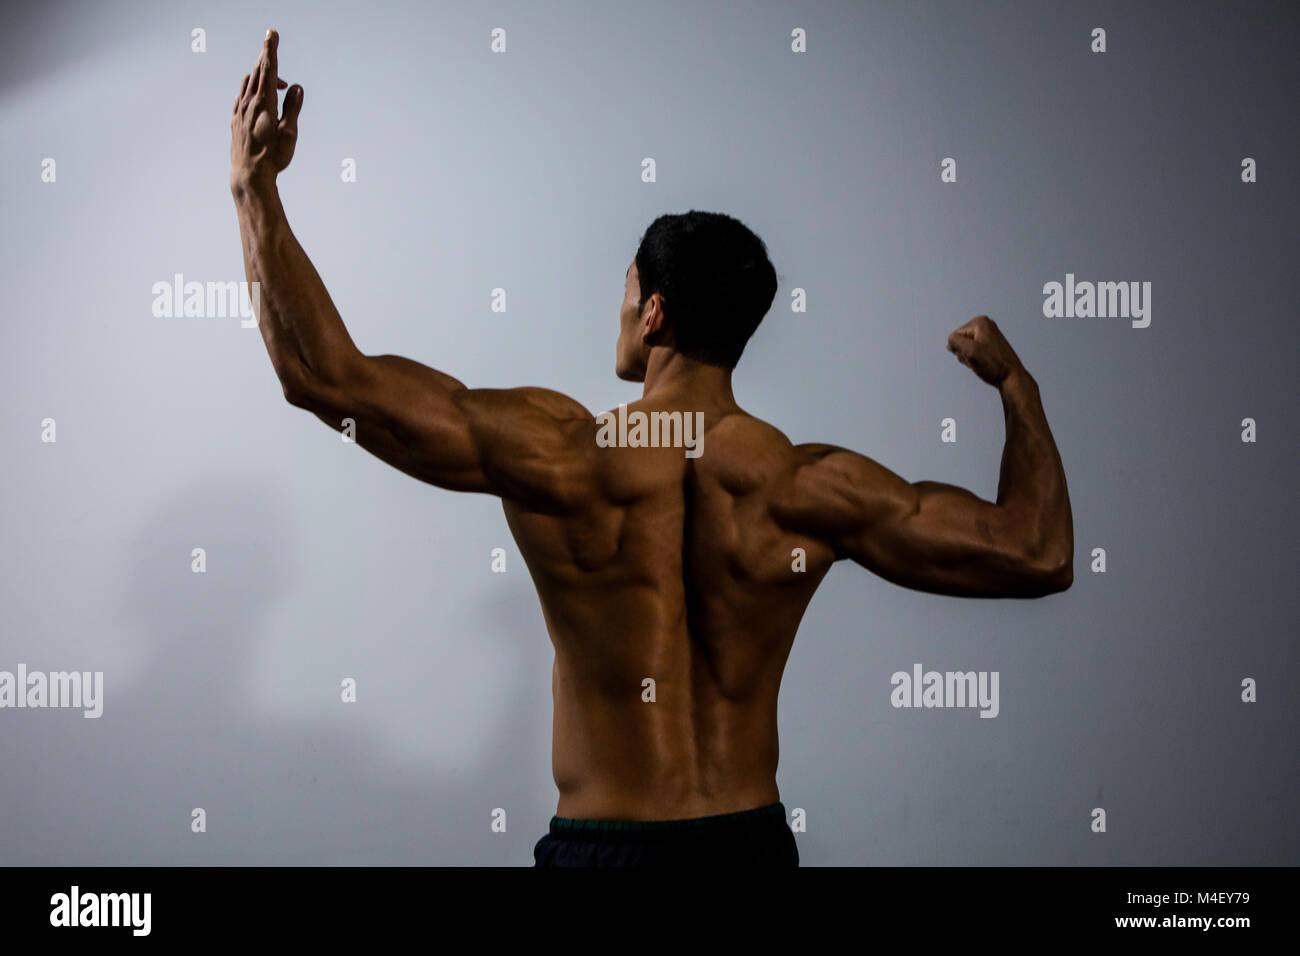 Fitness Modell seine Rückenmuskulatur anzeigen. Mittellange Aufnahme. Ansicht von hinten. Stockbild